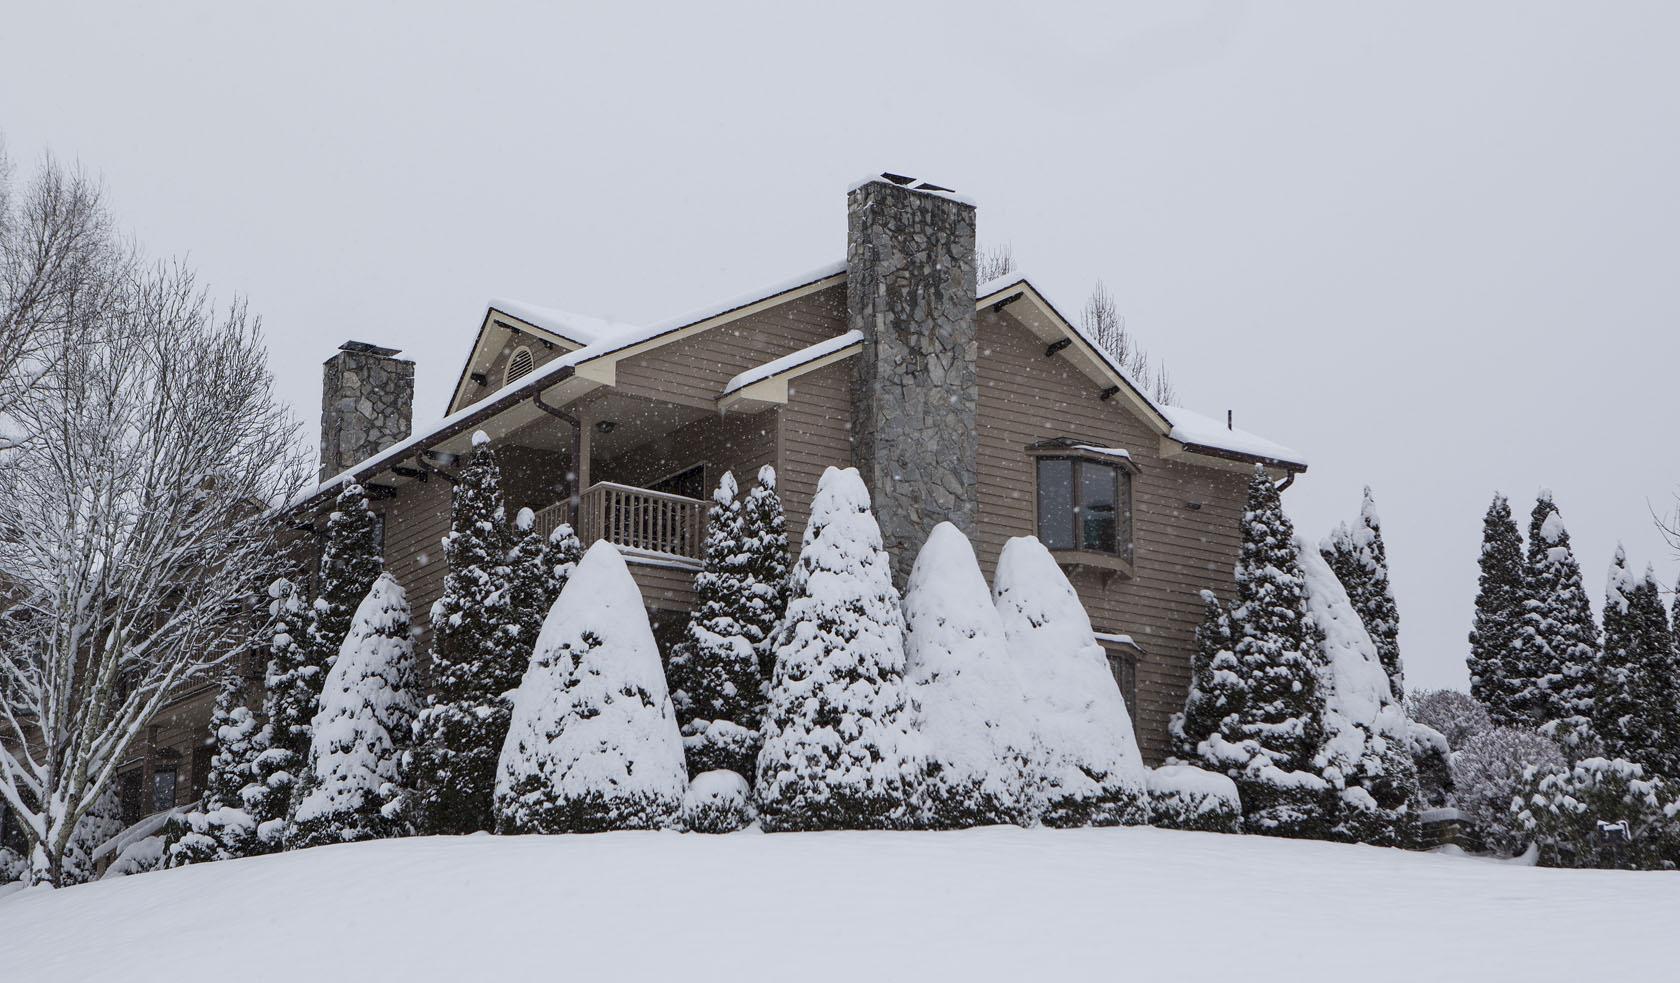 snow covered condo